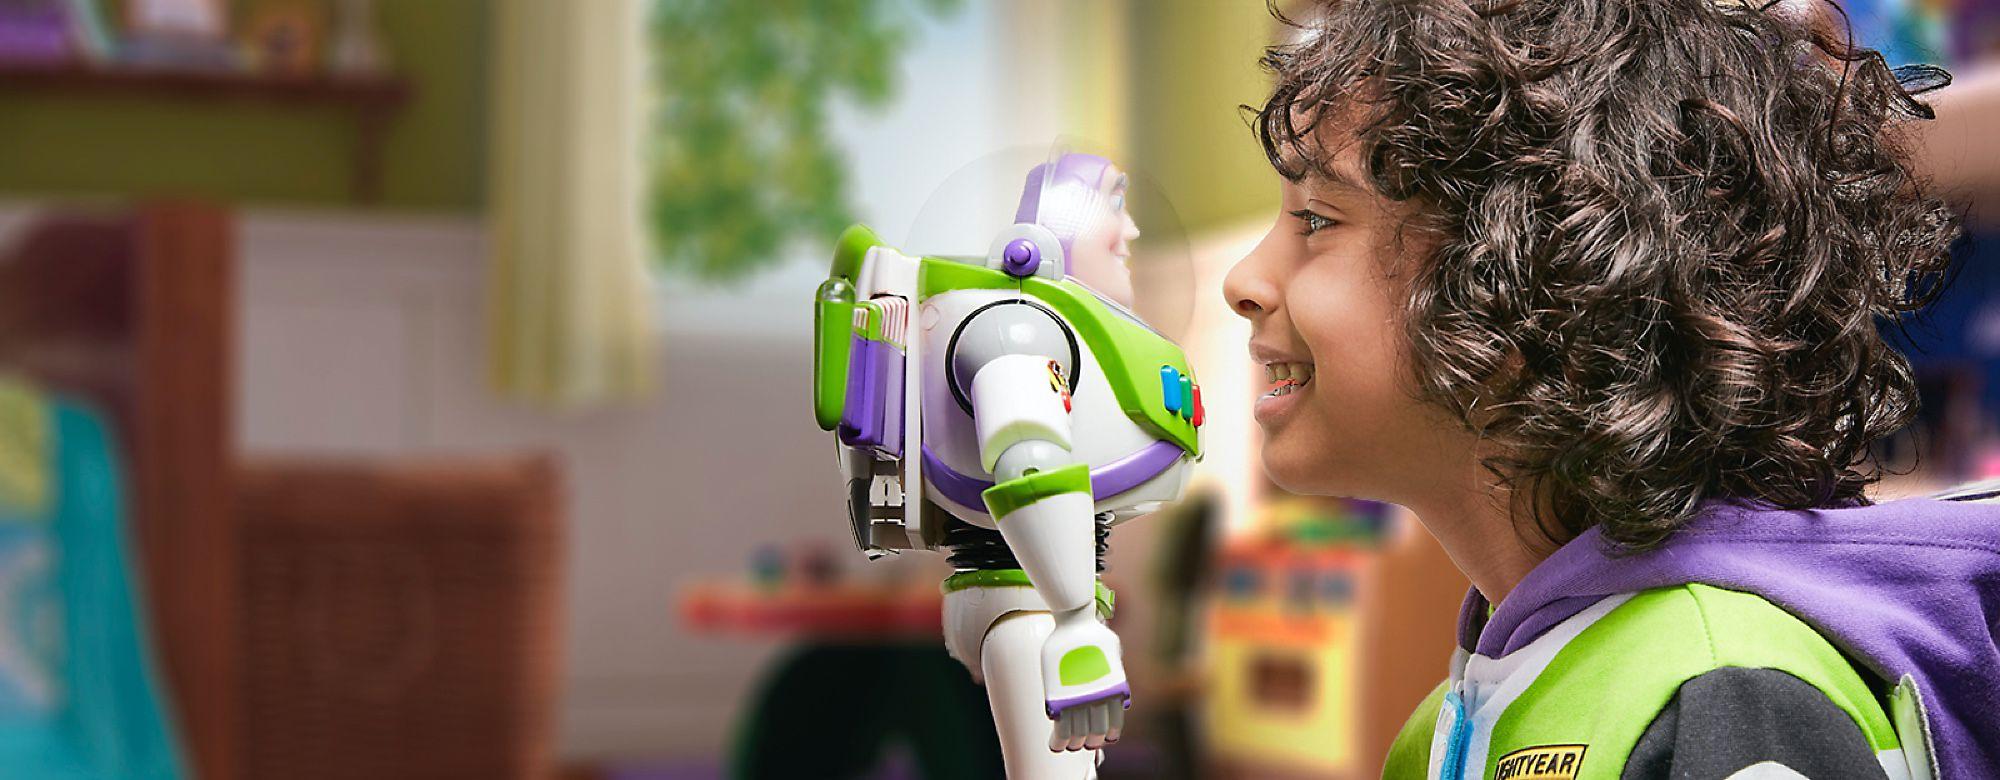 Entdecke die vielfältigen Geschichten unserer Disney Pixar-Favoriten  PIXAR KAUFEN